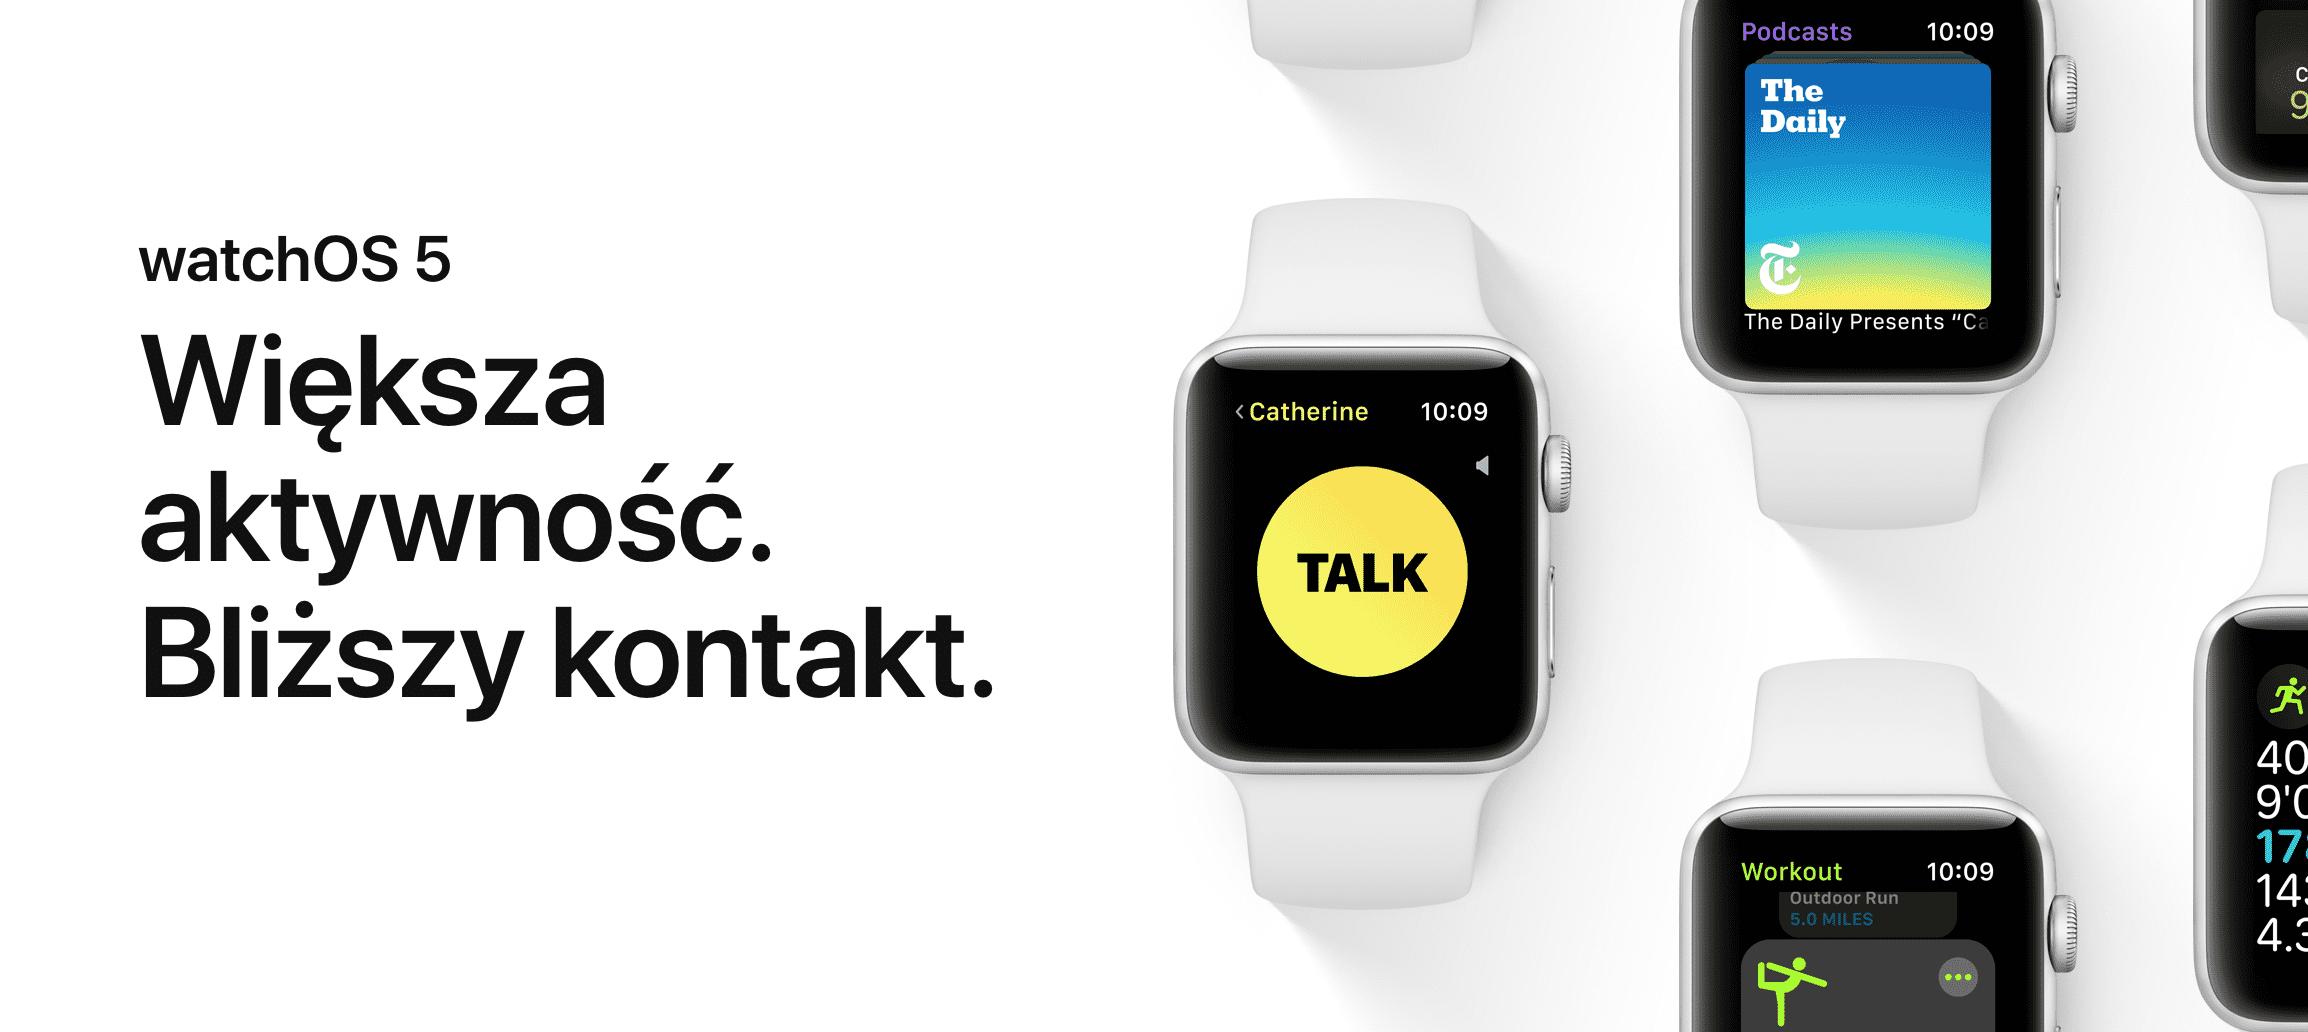 Polska strona Apple uaktualniona - pojawiły się informacje o iOS 12, watchOS 5 i macOS Mojave polecane, ciekawostki watchOS 5, polska strona apple, macos mojave, iOS 12, Apple  No i stało się. Właśnie gigant z Cupertino uaktualnił polską stronę Apple i dodał na niej wszystkie najważniejsze informację o iOS 12, watchOS 5 i macOS Mojave. watchOS5